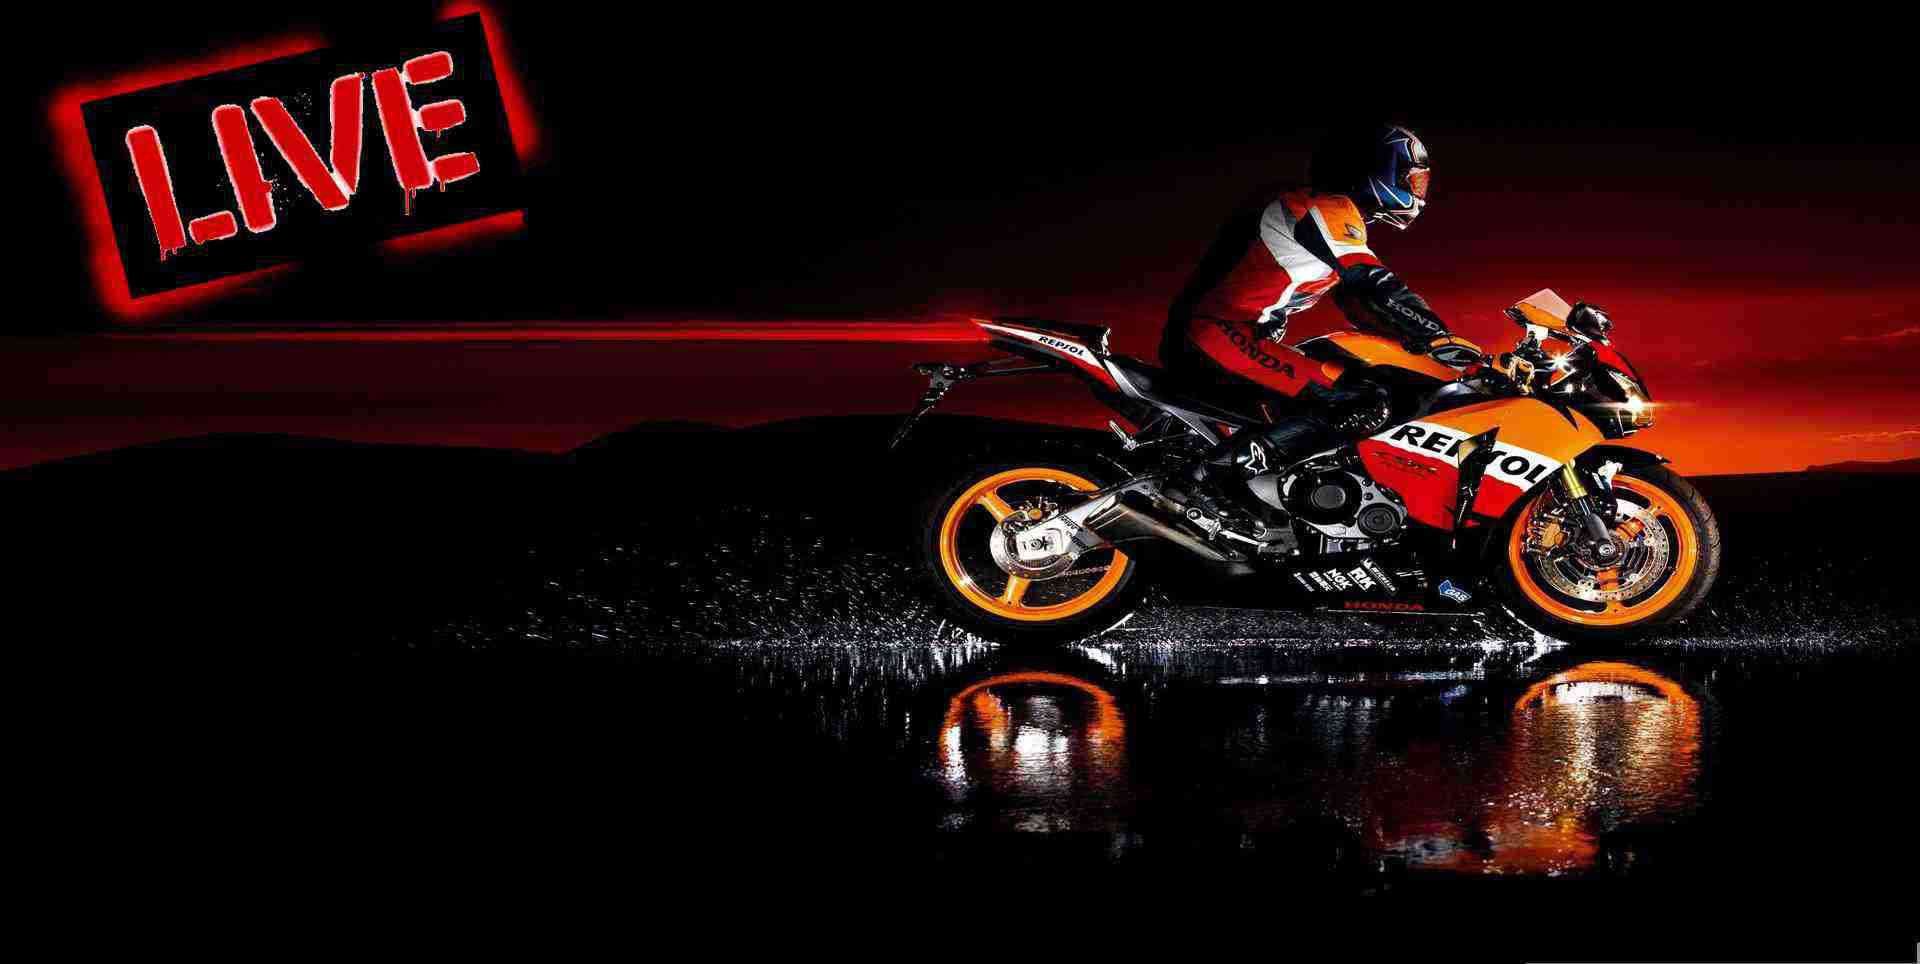 motogp-spanish-grand-prix-2015-live-stream